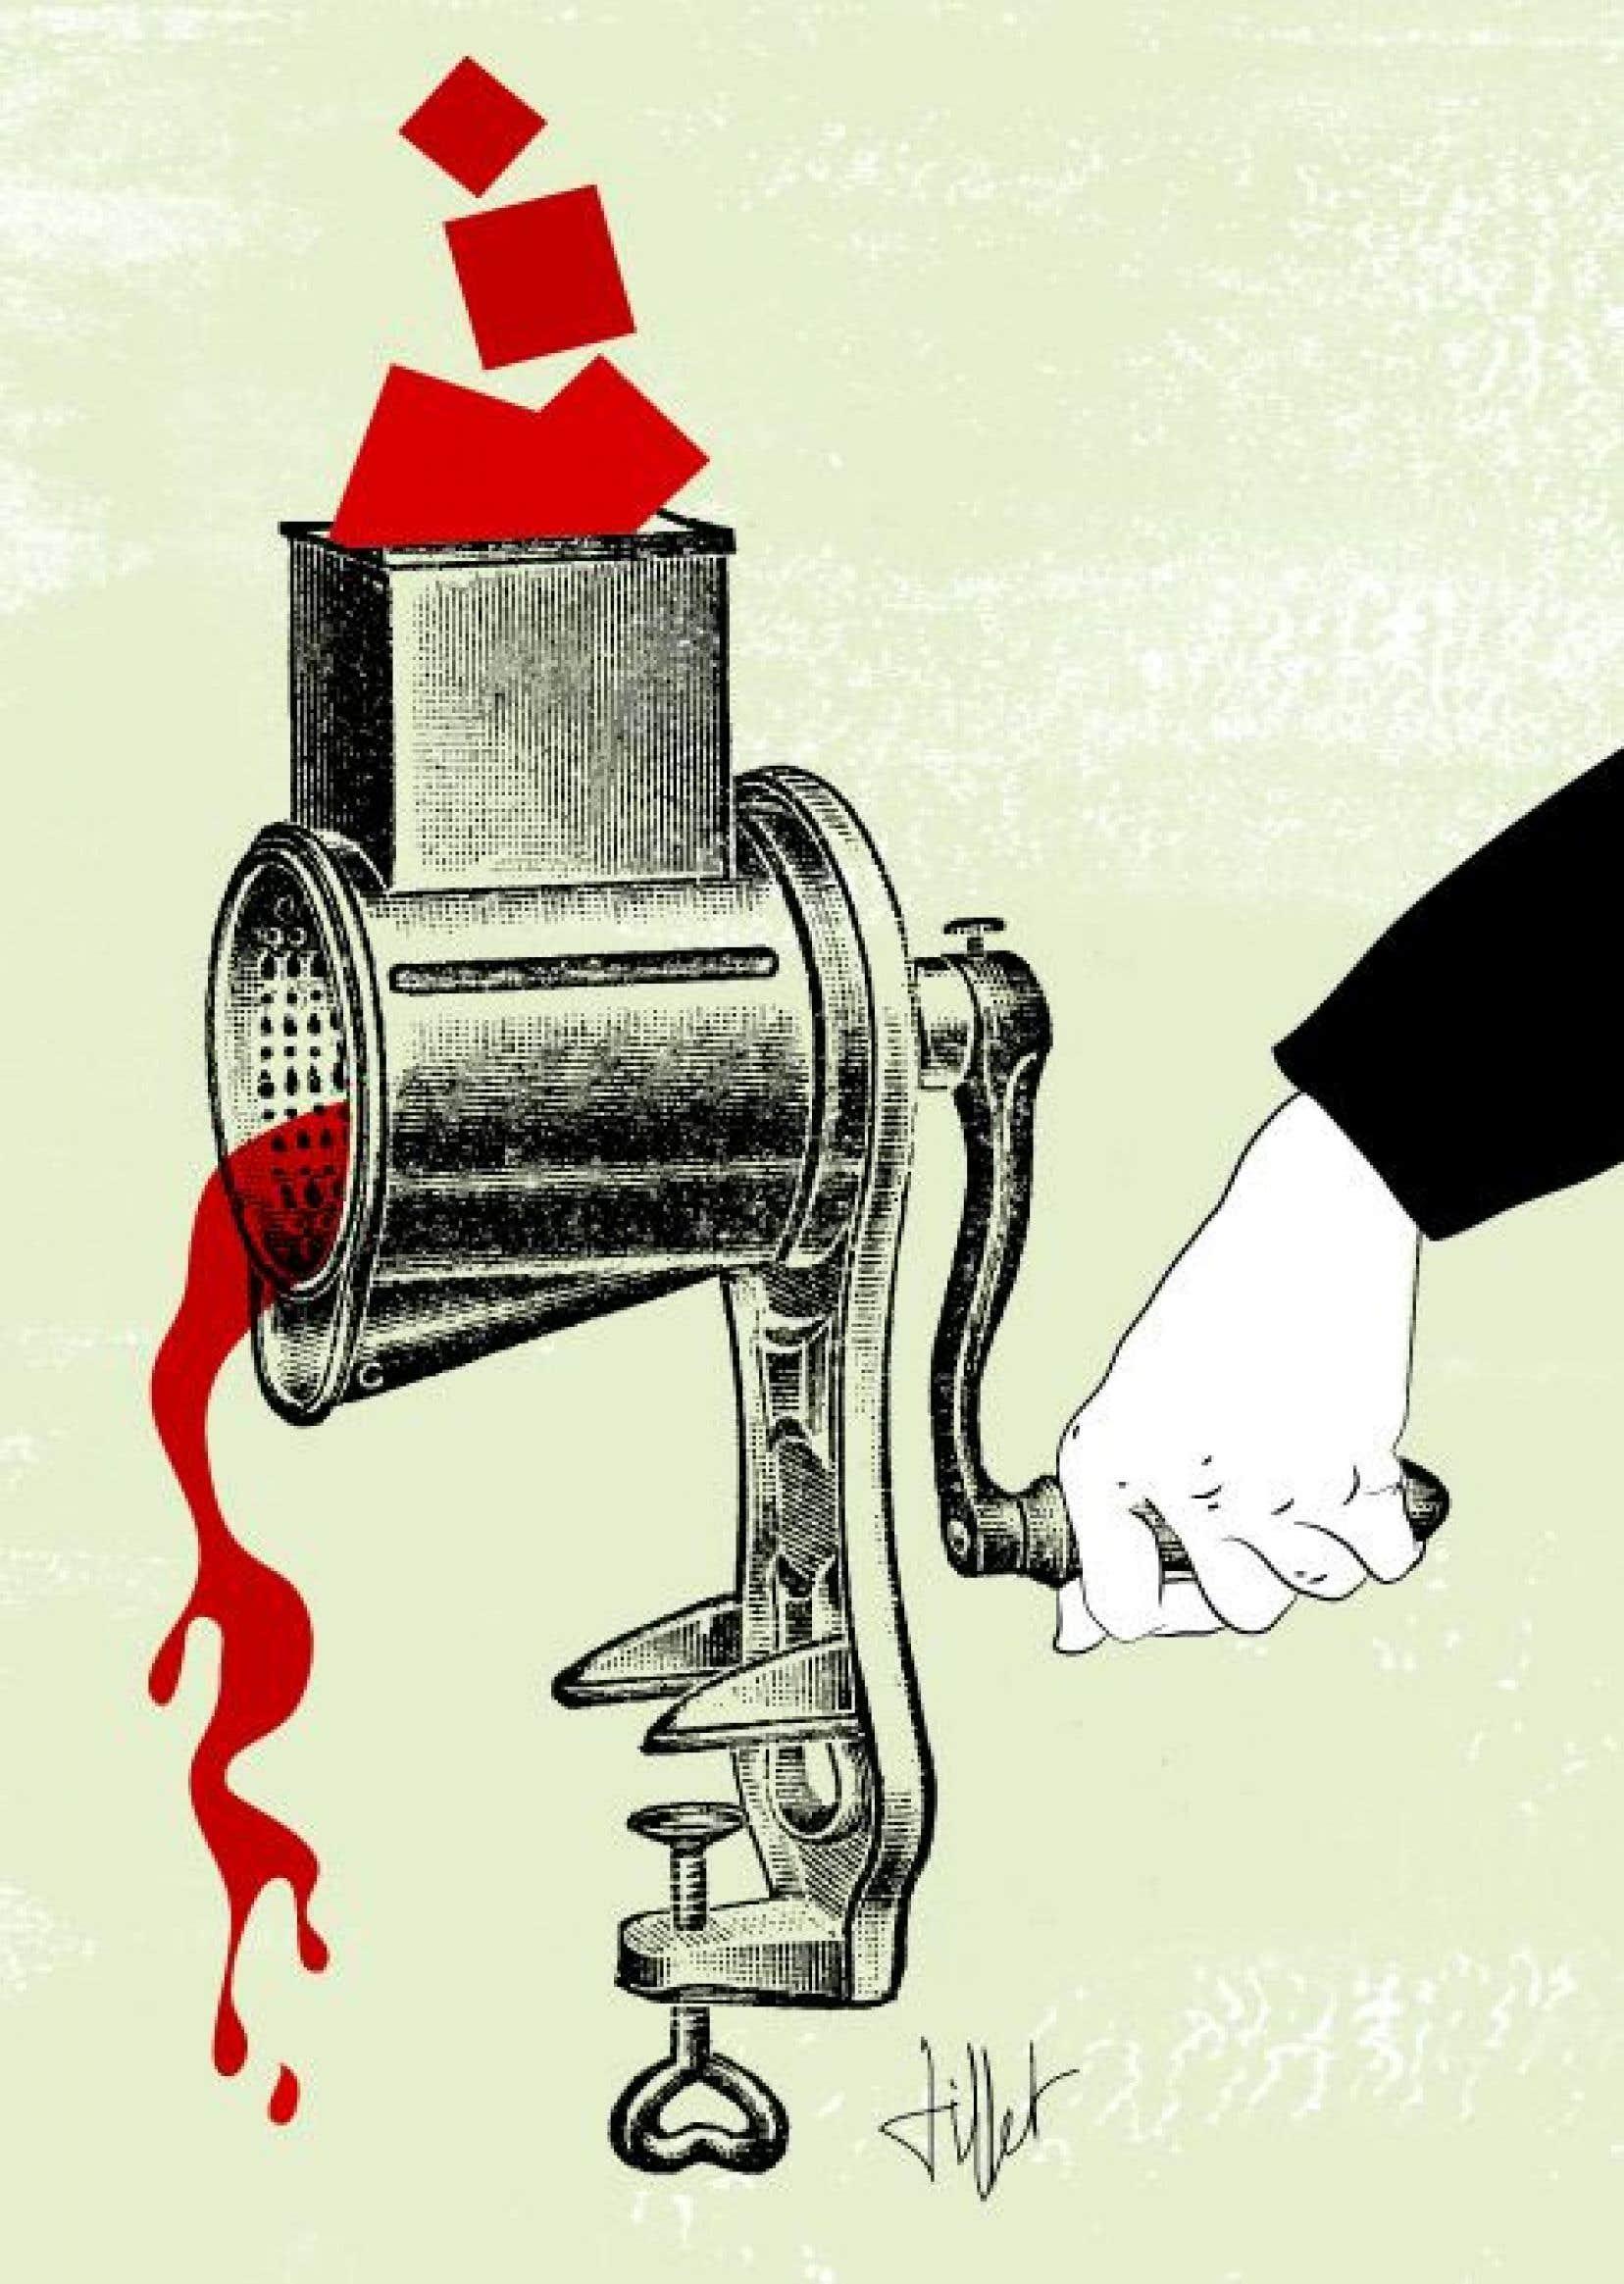 «Les combats de la grève se poursuivent bien après celle-ci parce que son contexte demeure en grande partie inchangé», estime Christian Nadeau.